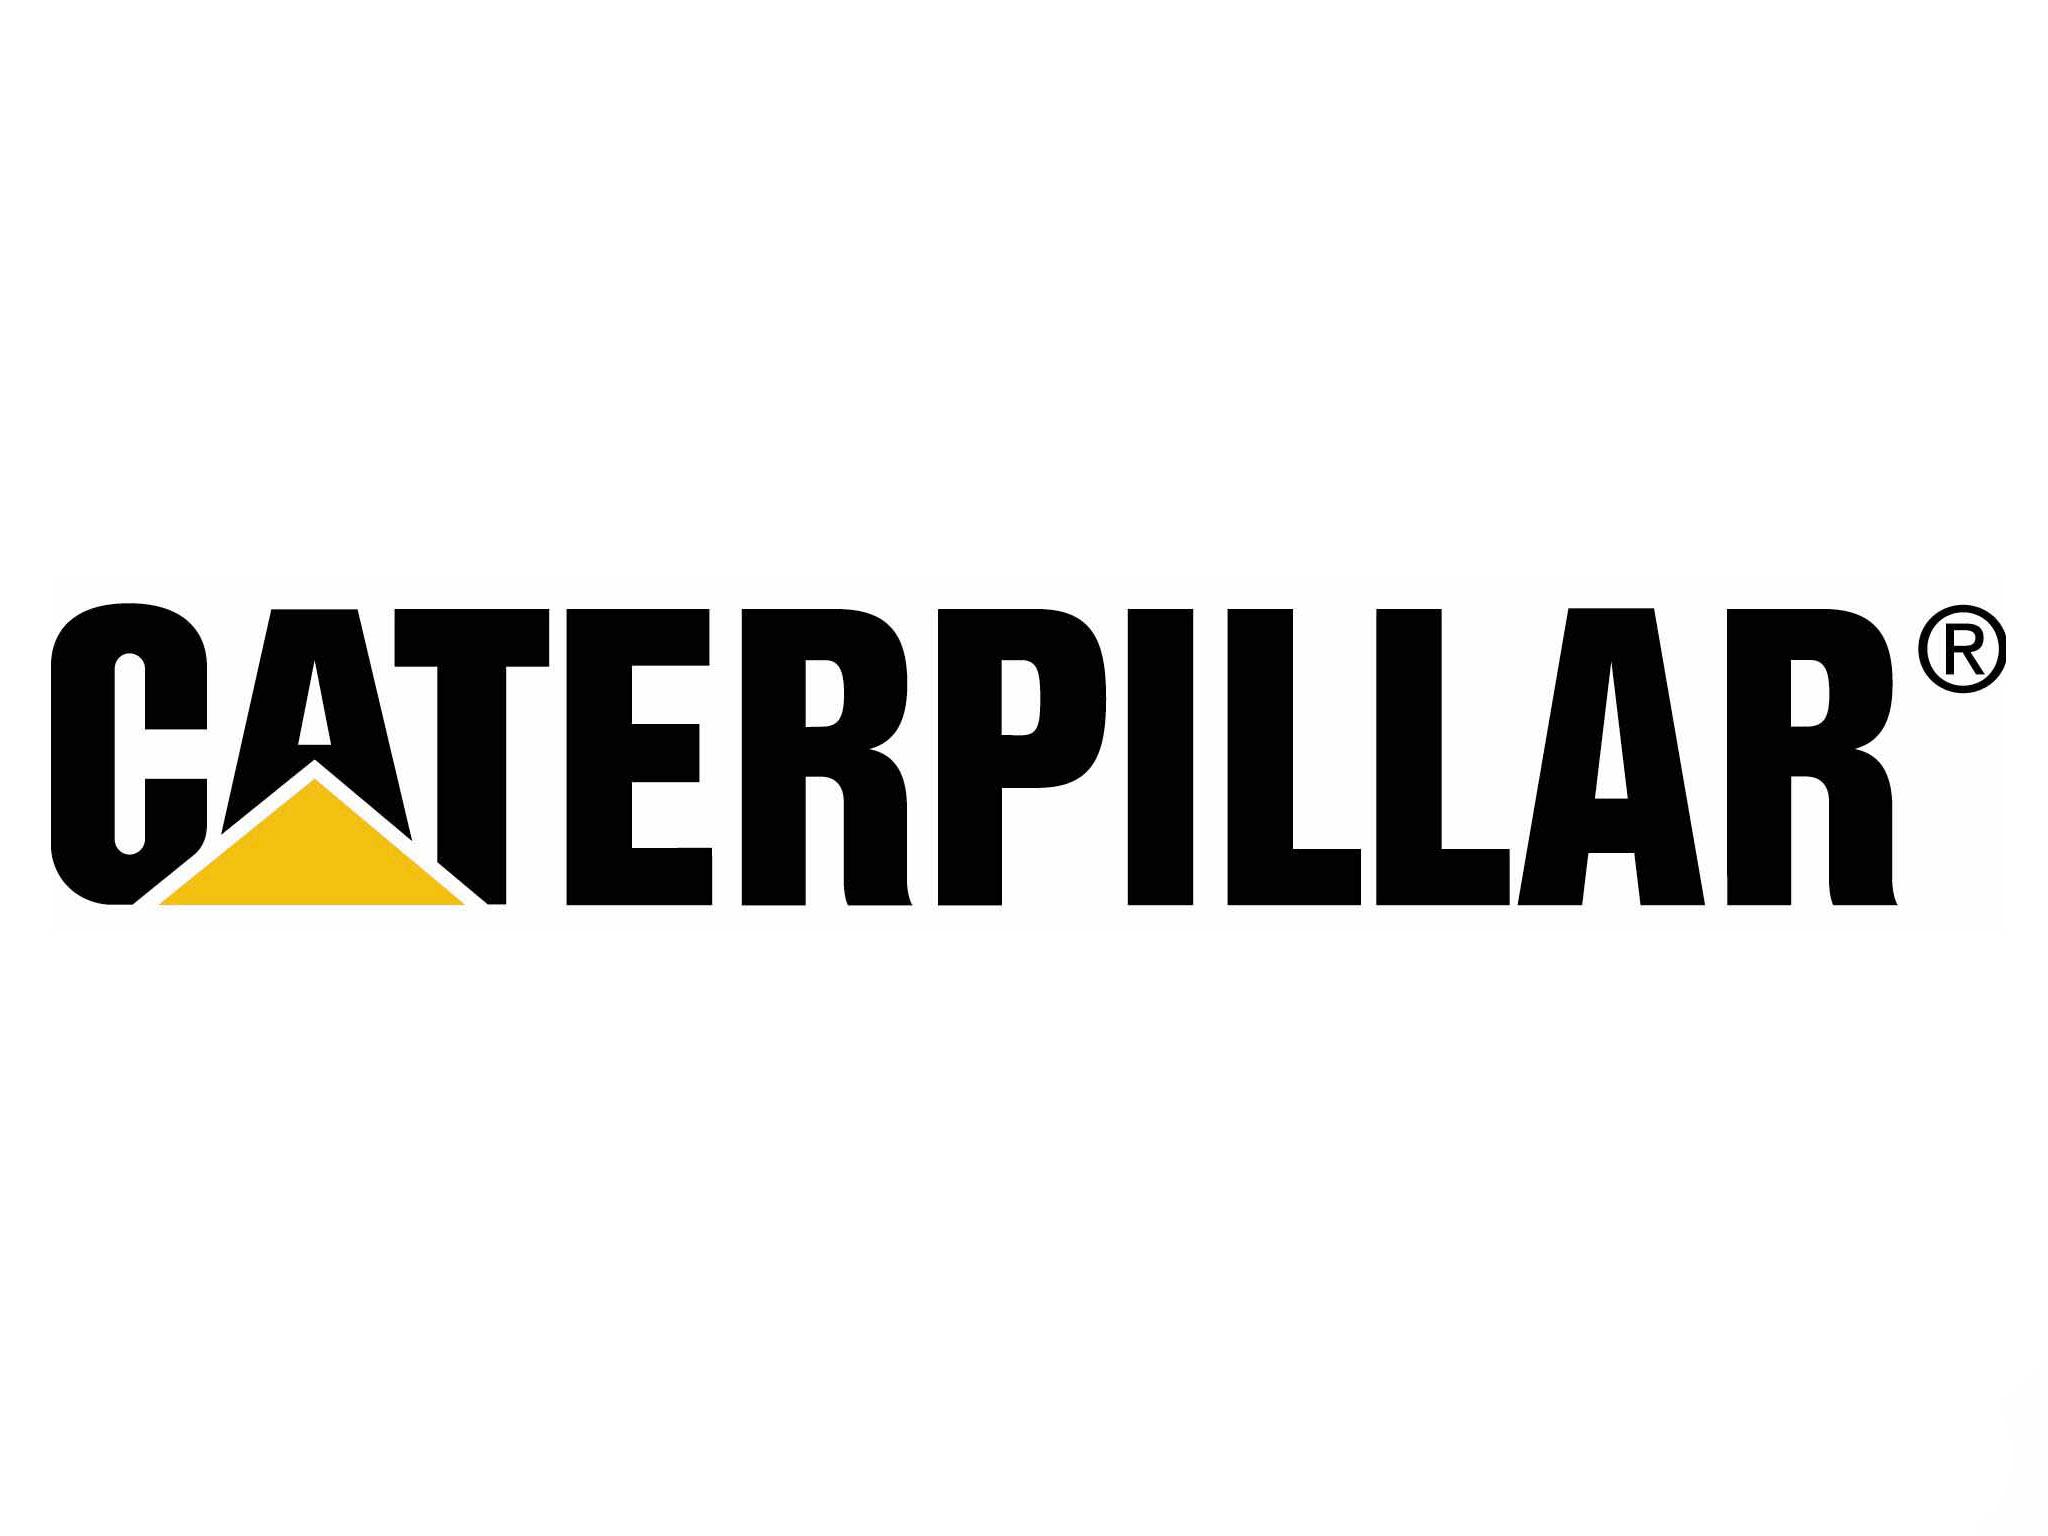 Caterpillar-Lobbyisten - Hausausweise müssen entzogen werden - Sven Giegold - Mitglied der ...